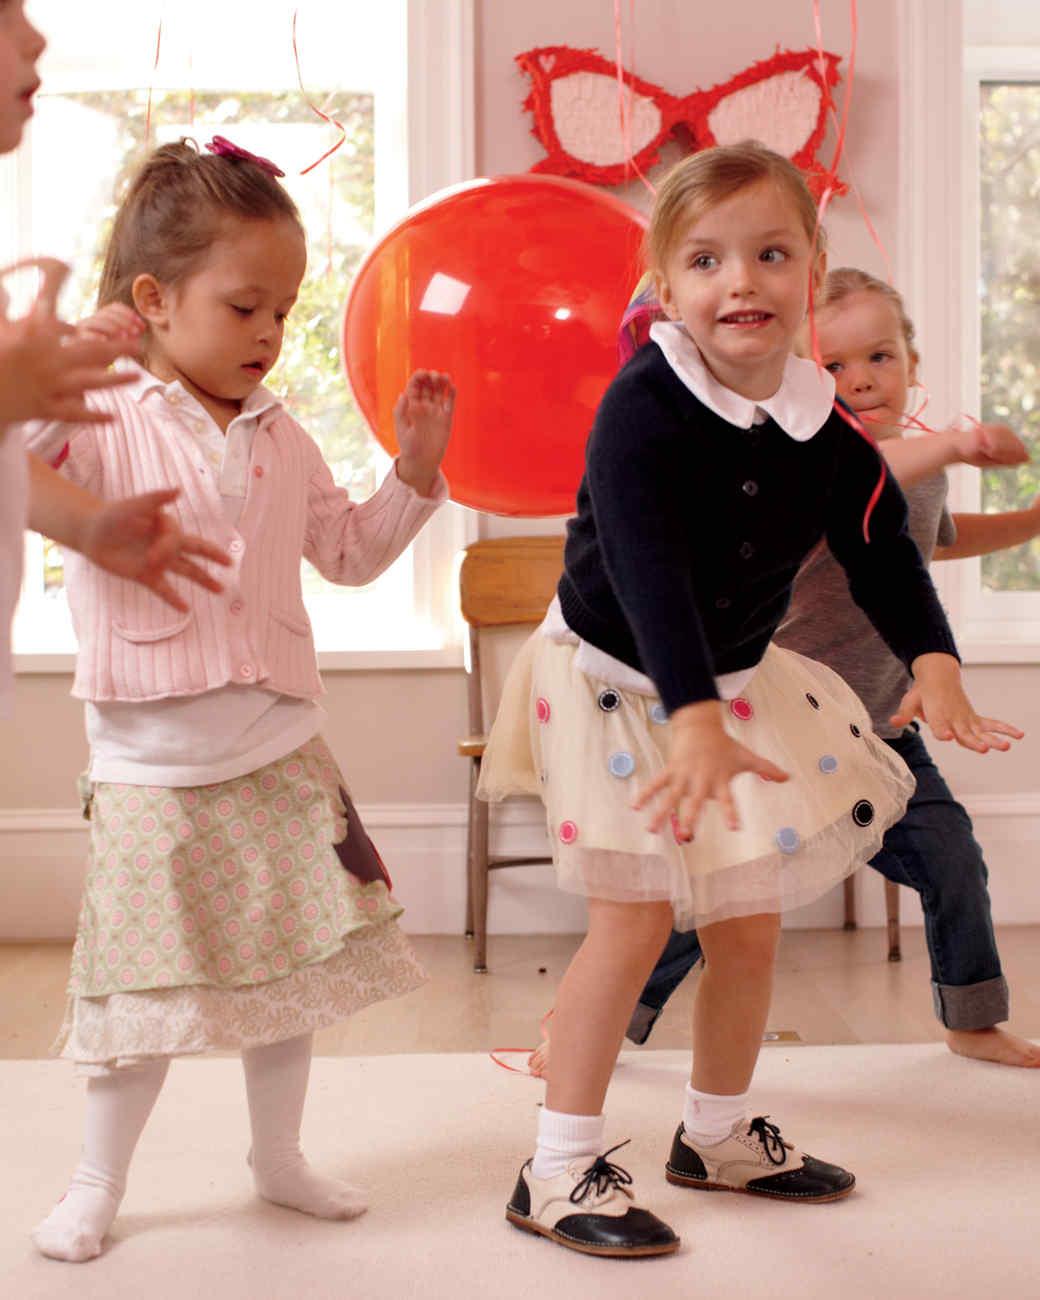 dancing6-mld108152.jpg